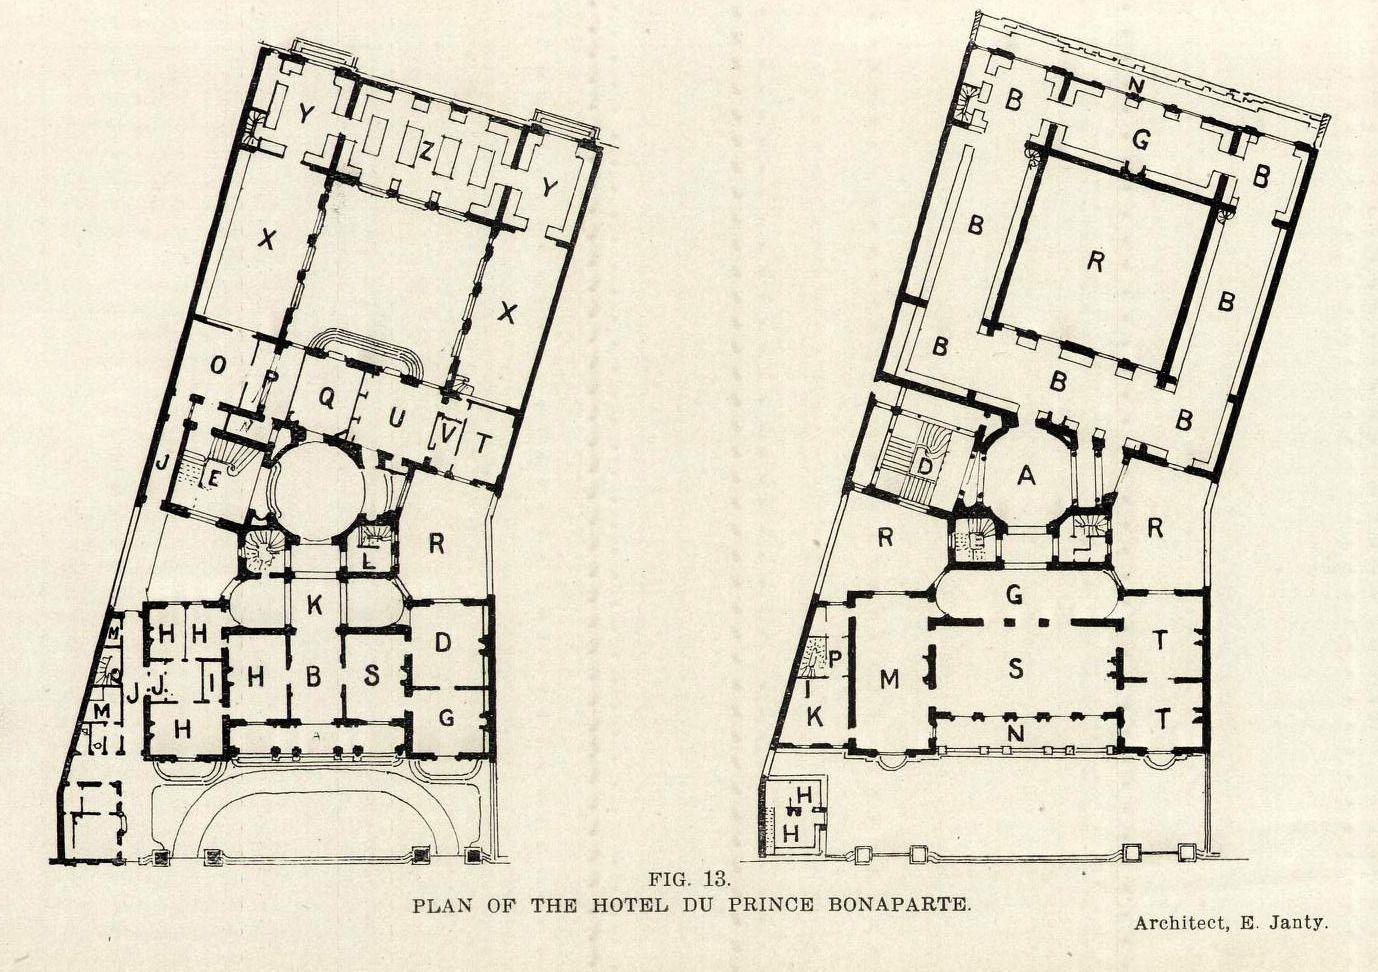 the floor plans of the hotel du prince bonaparte paris the floor plans of the hotel du prince bonaparte paris